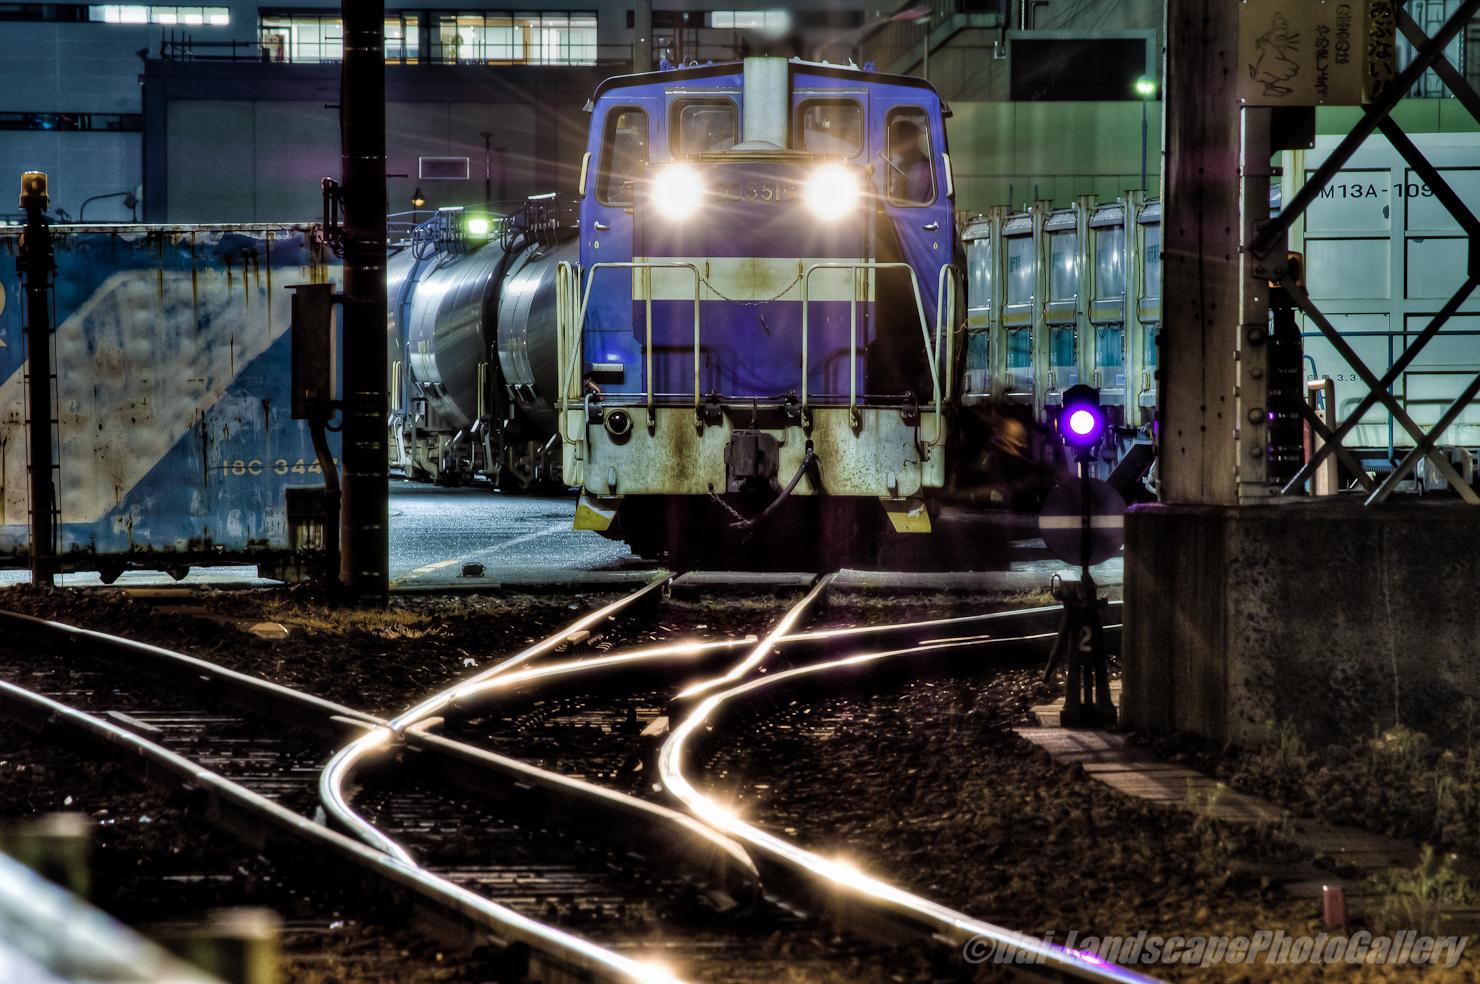 夜の神奈川臨海鉄道末広町駅風景【HDRi】